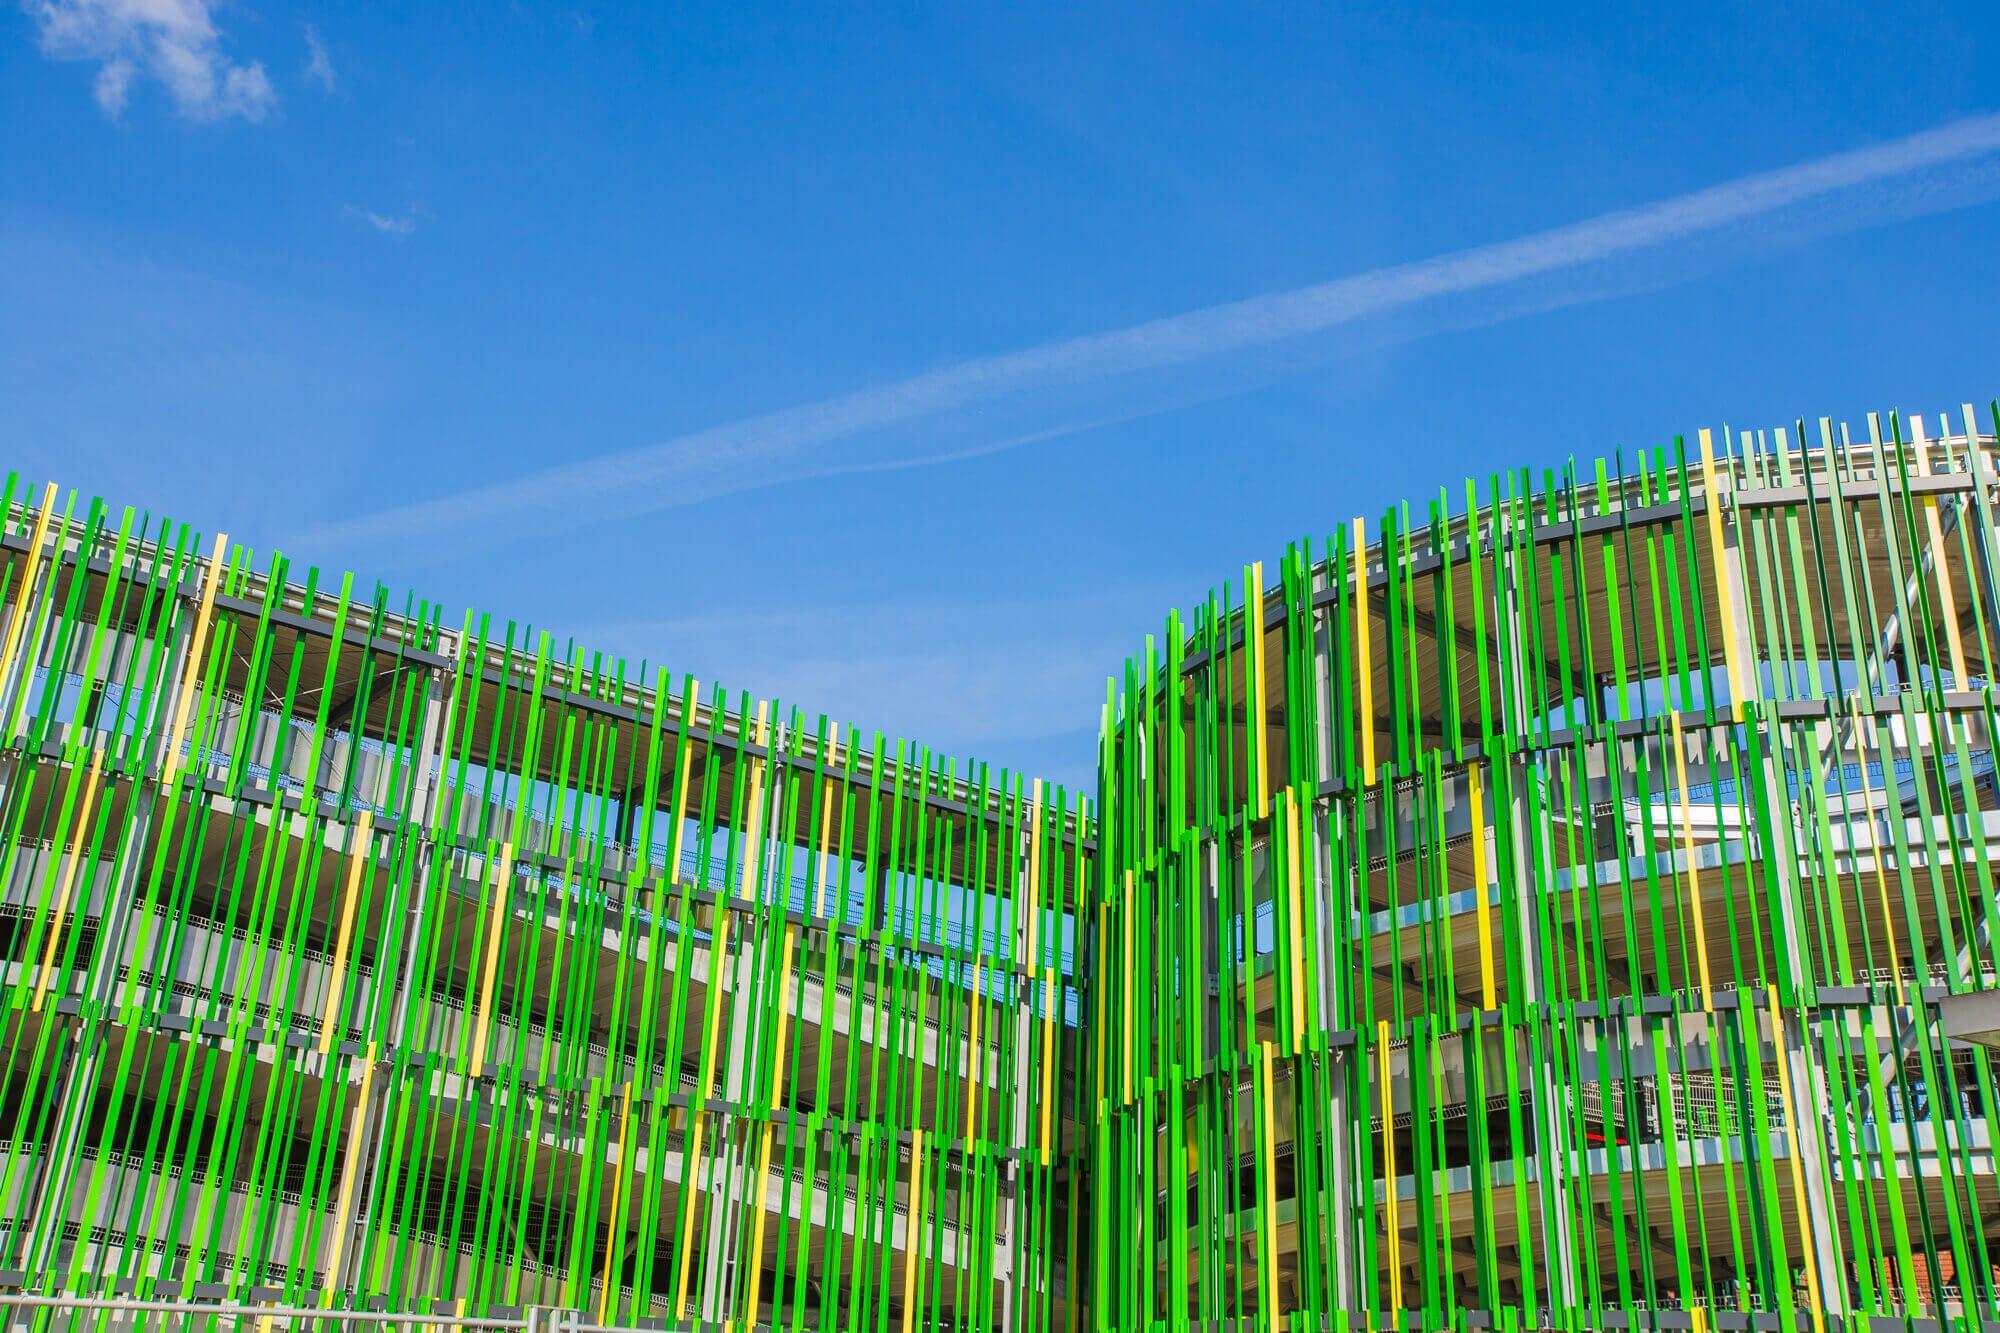 Die Gestaltung der Fassade ermöglicht eine echte Ausdrucksfreiheit und eine perfekte Integration des Gebäudes in die Umgebung.